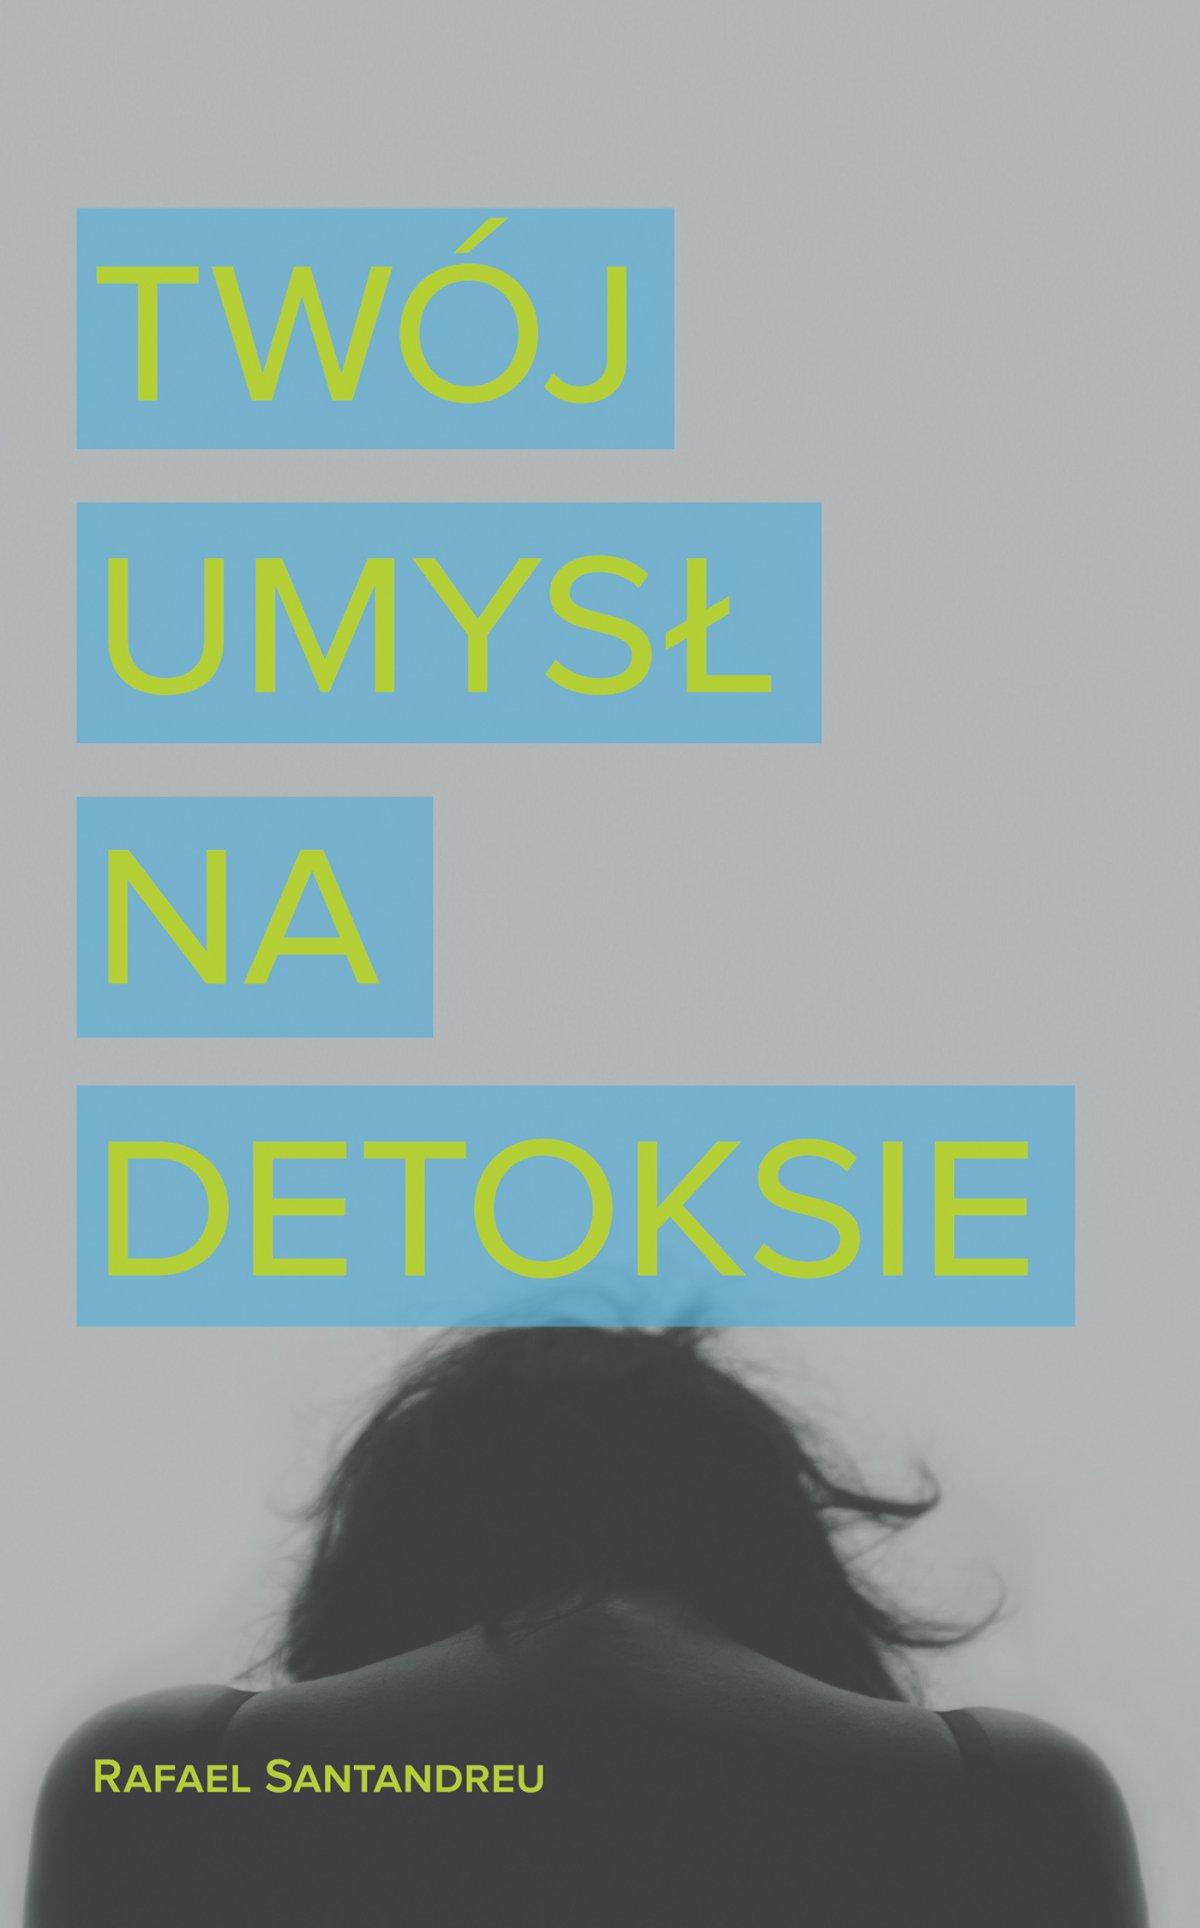 Twój umysł na detoksie - Ebook (Książka EPUB) do pobrania w formacie EPUB